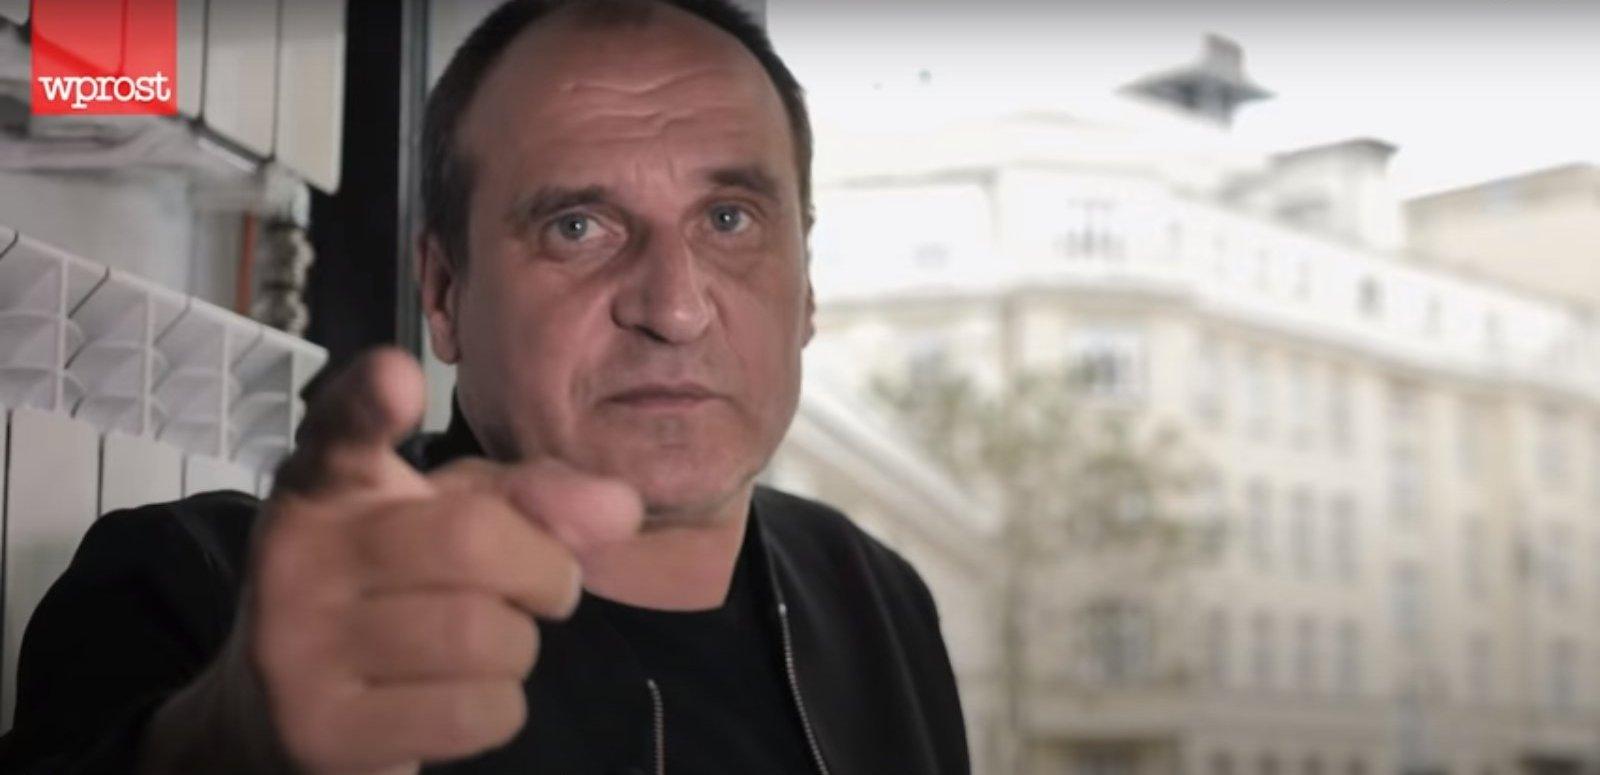 propolski.pl: Kukiz poprze podatek PiS od reklam. Postawił jednak swoje warunki